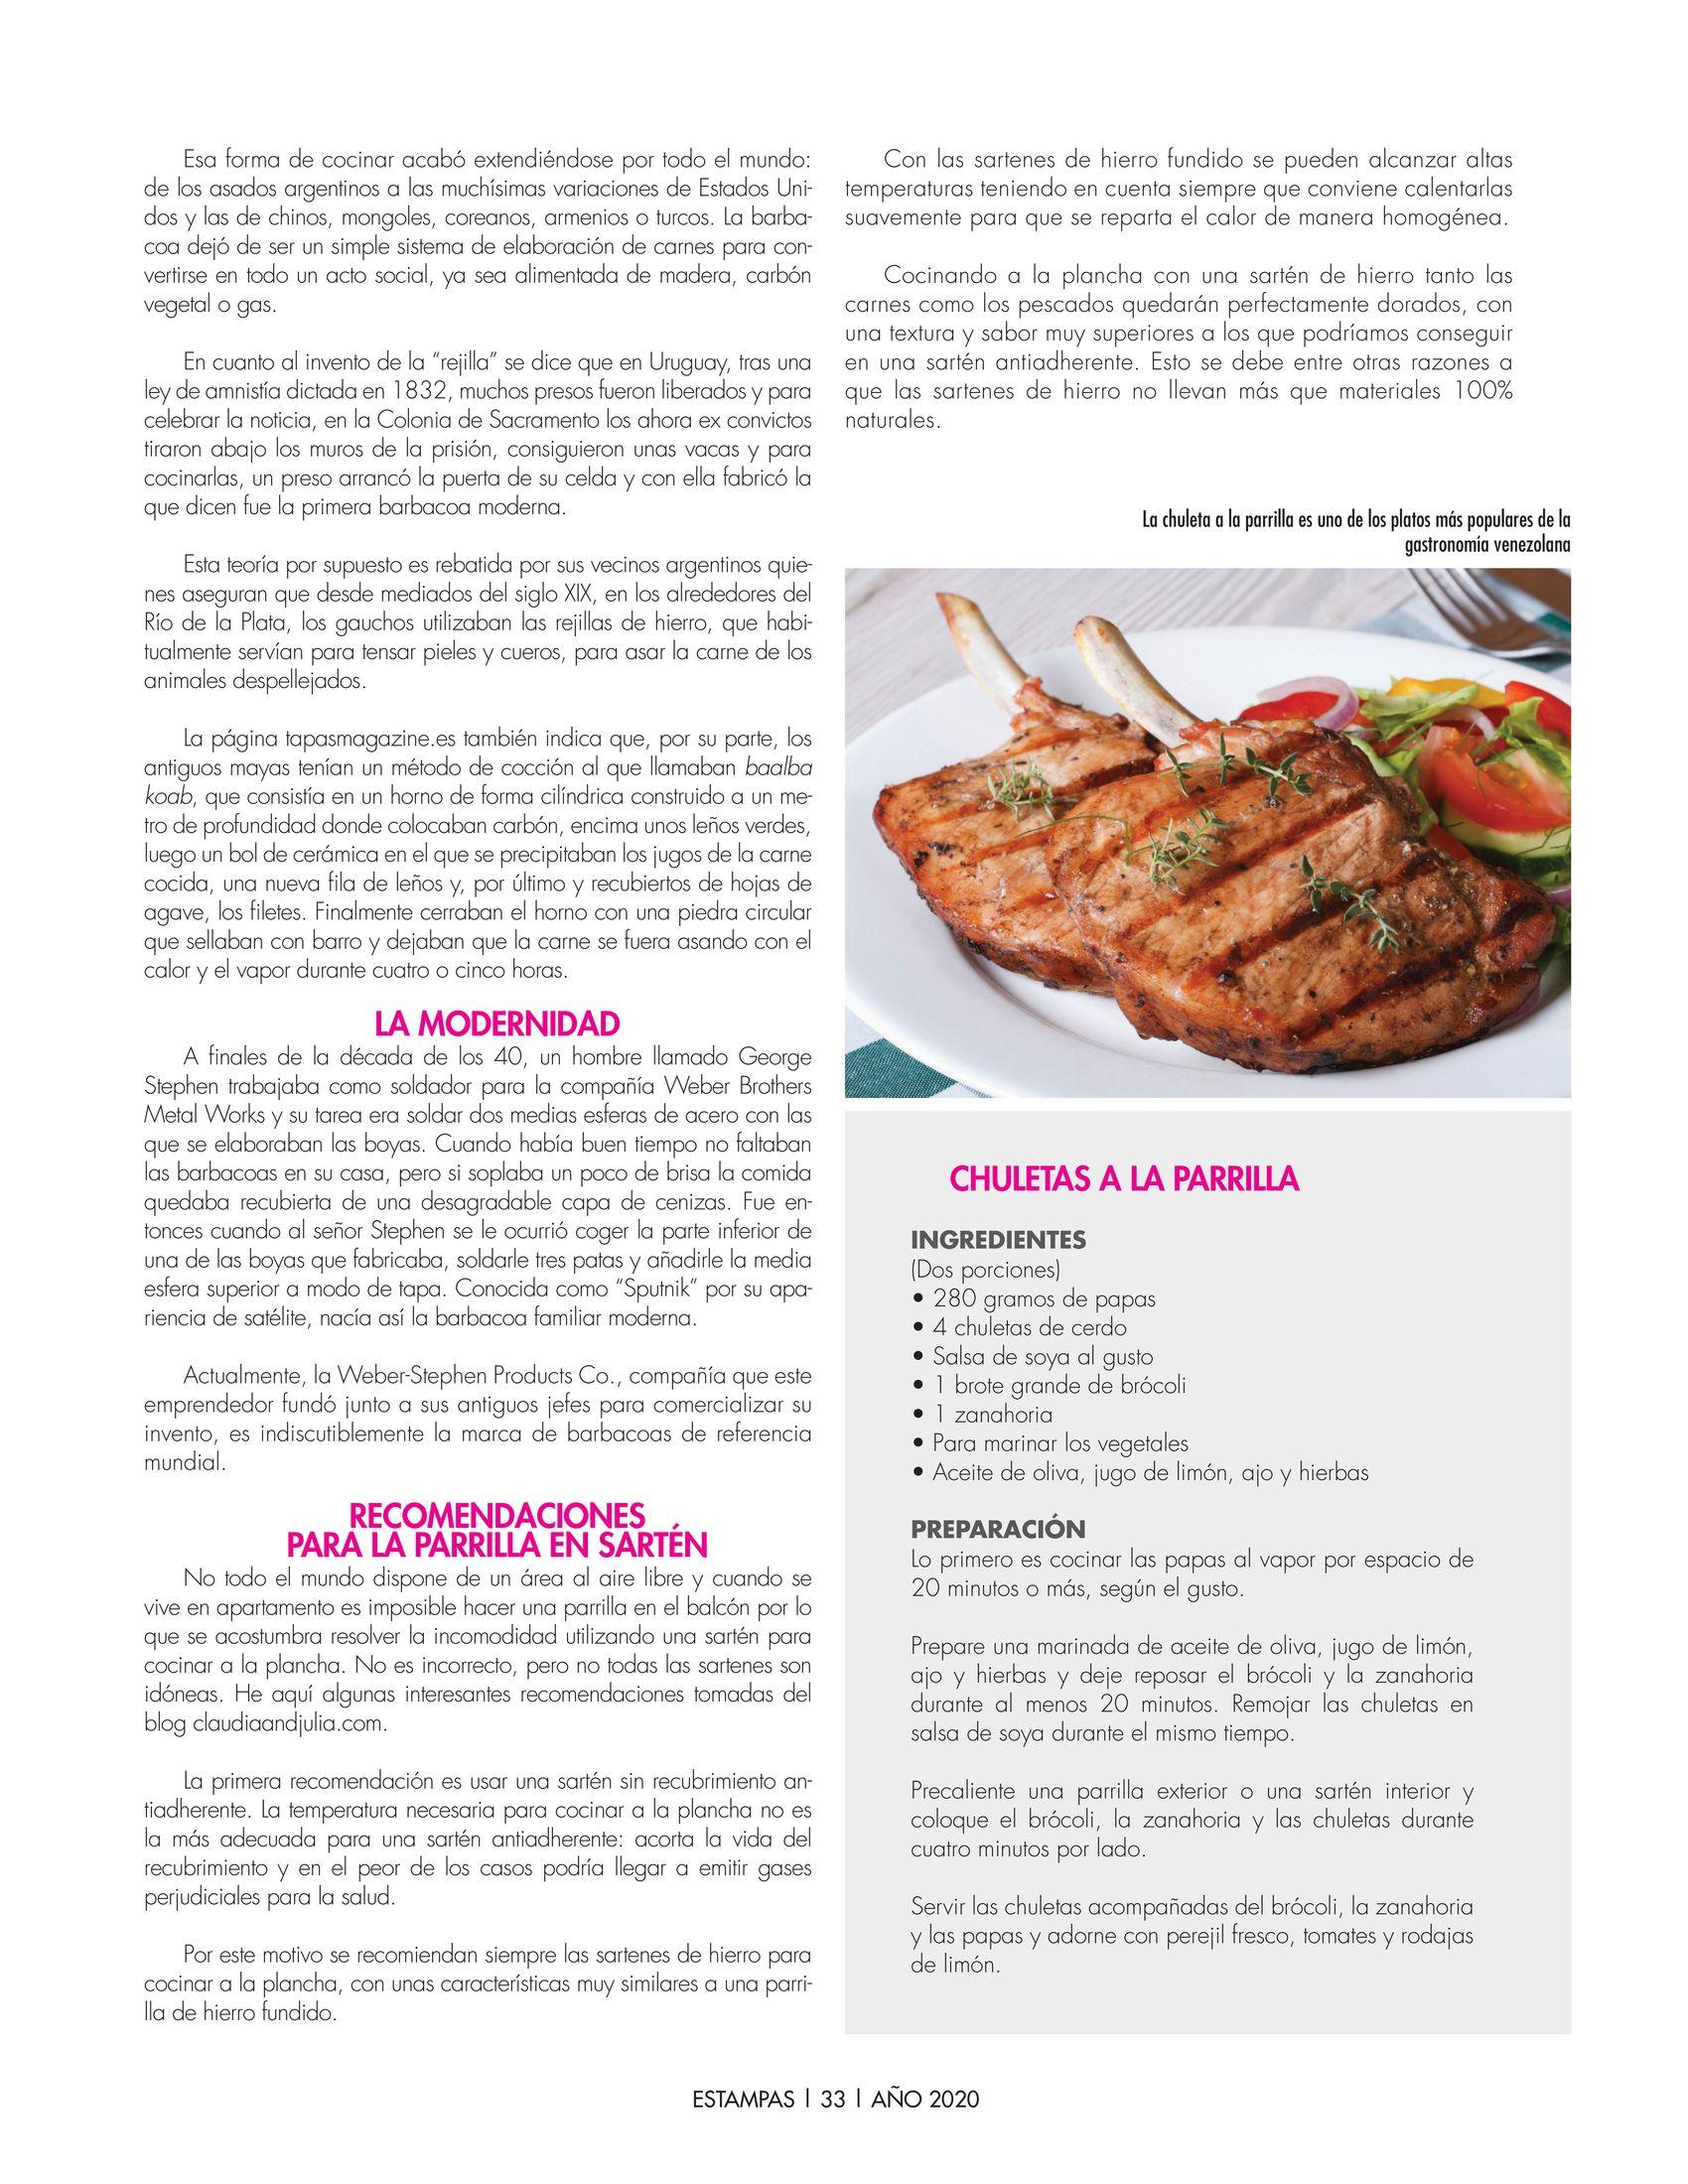 33-REV Cocina: Especial para Estampas - Nada como una buena parrilla